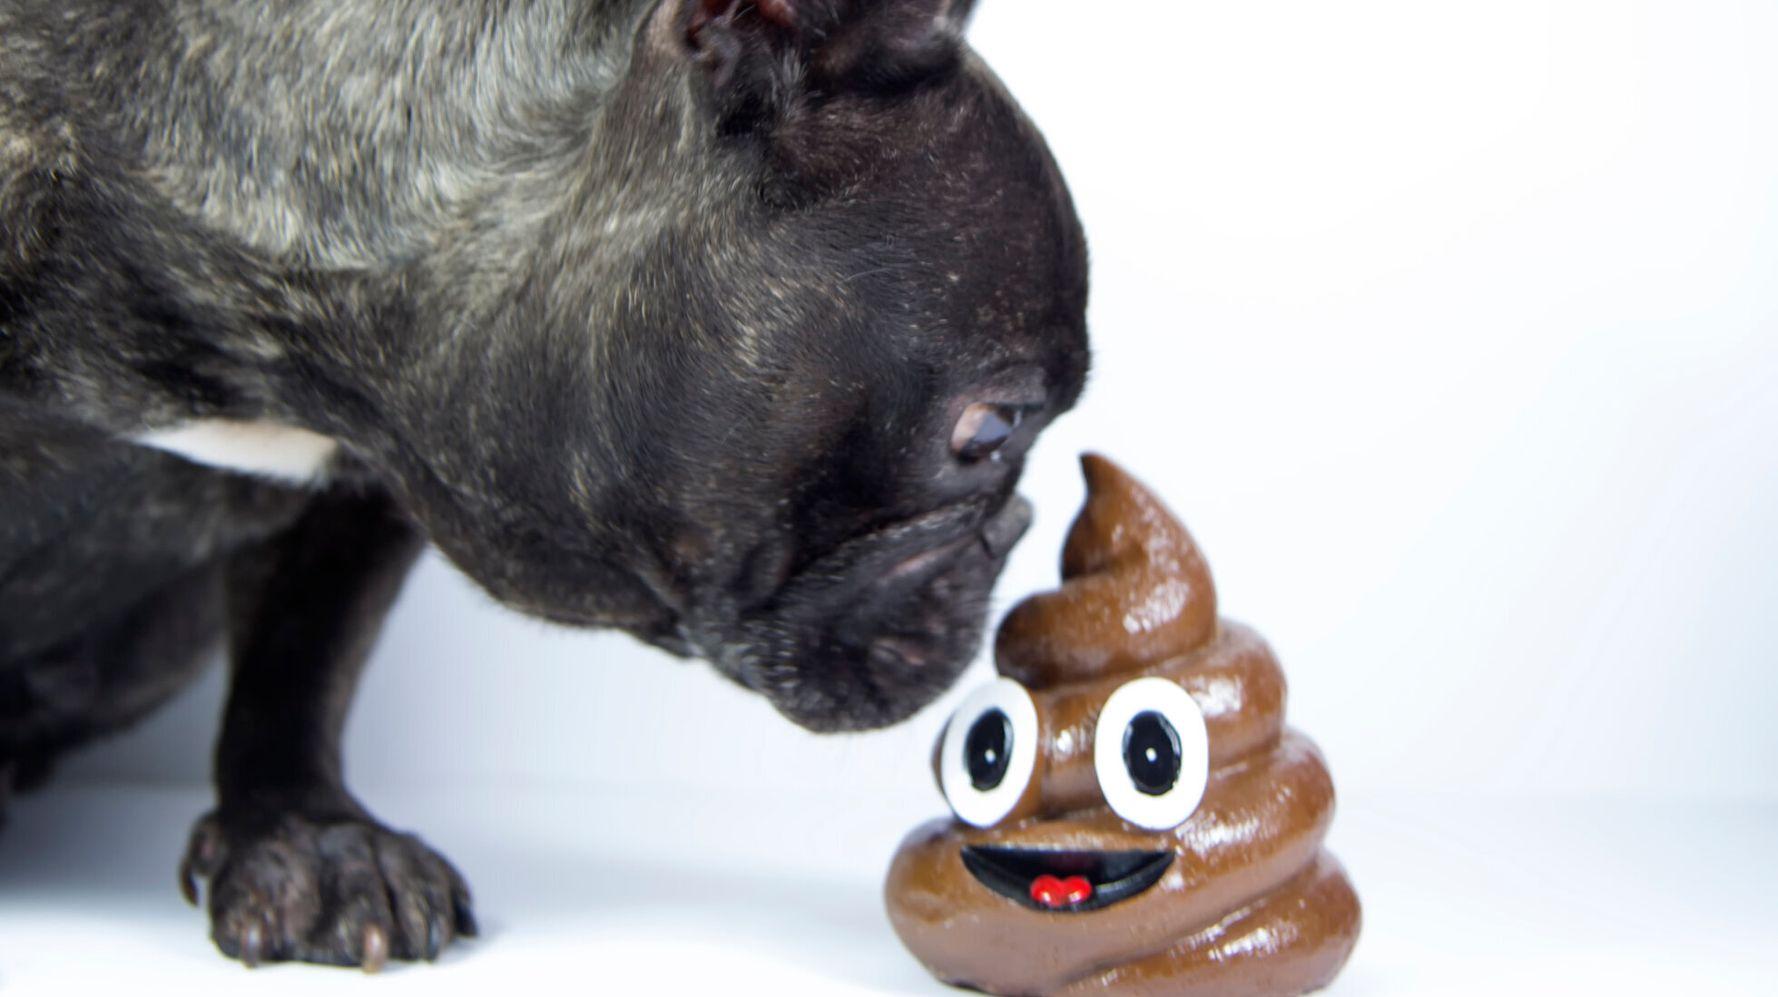 Si Tu Perro Se Come La Caca Puede Que Tenga Un Problema De Salud El Huffpost Life